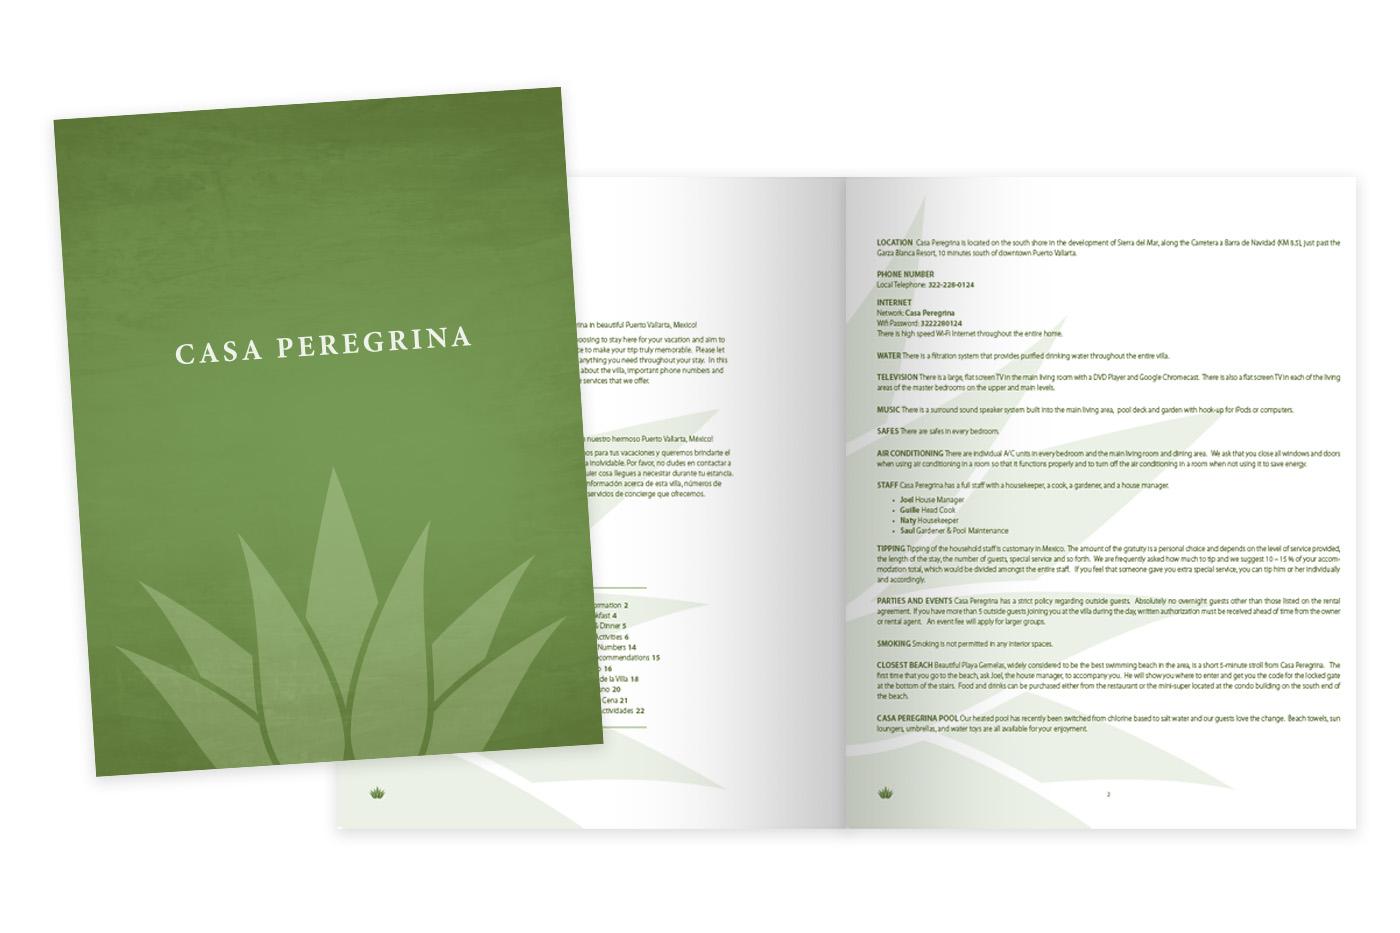 Agave-Villas-Mexico-villa-concierge-book-design.jpg